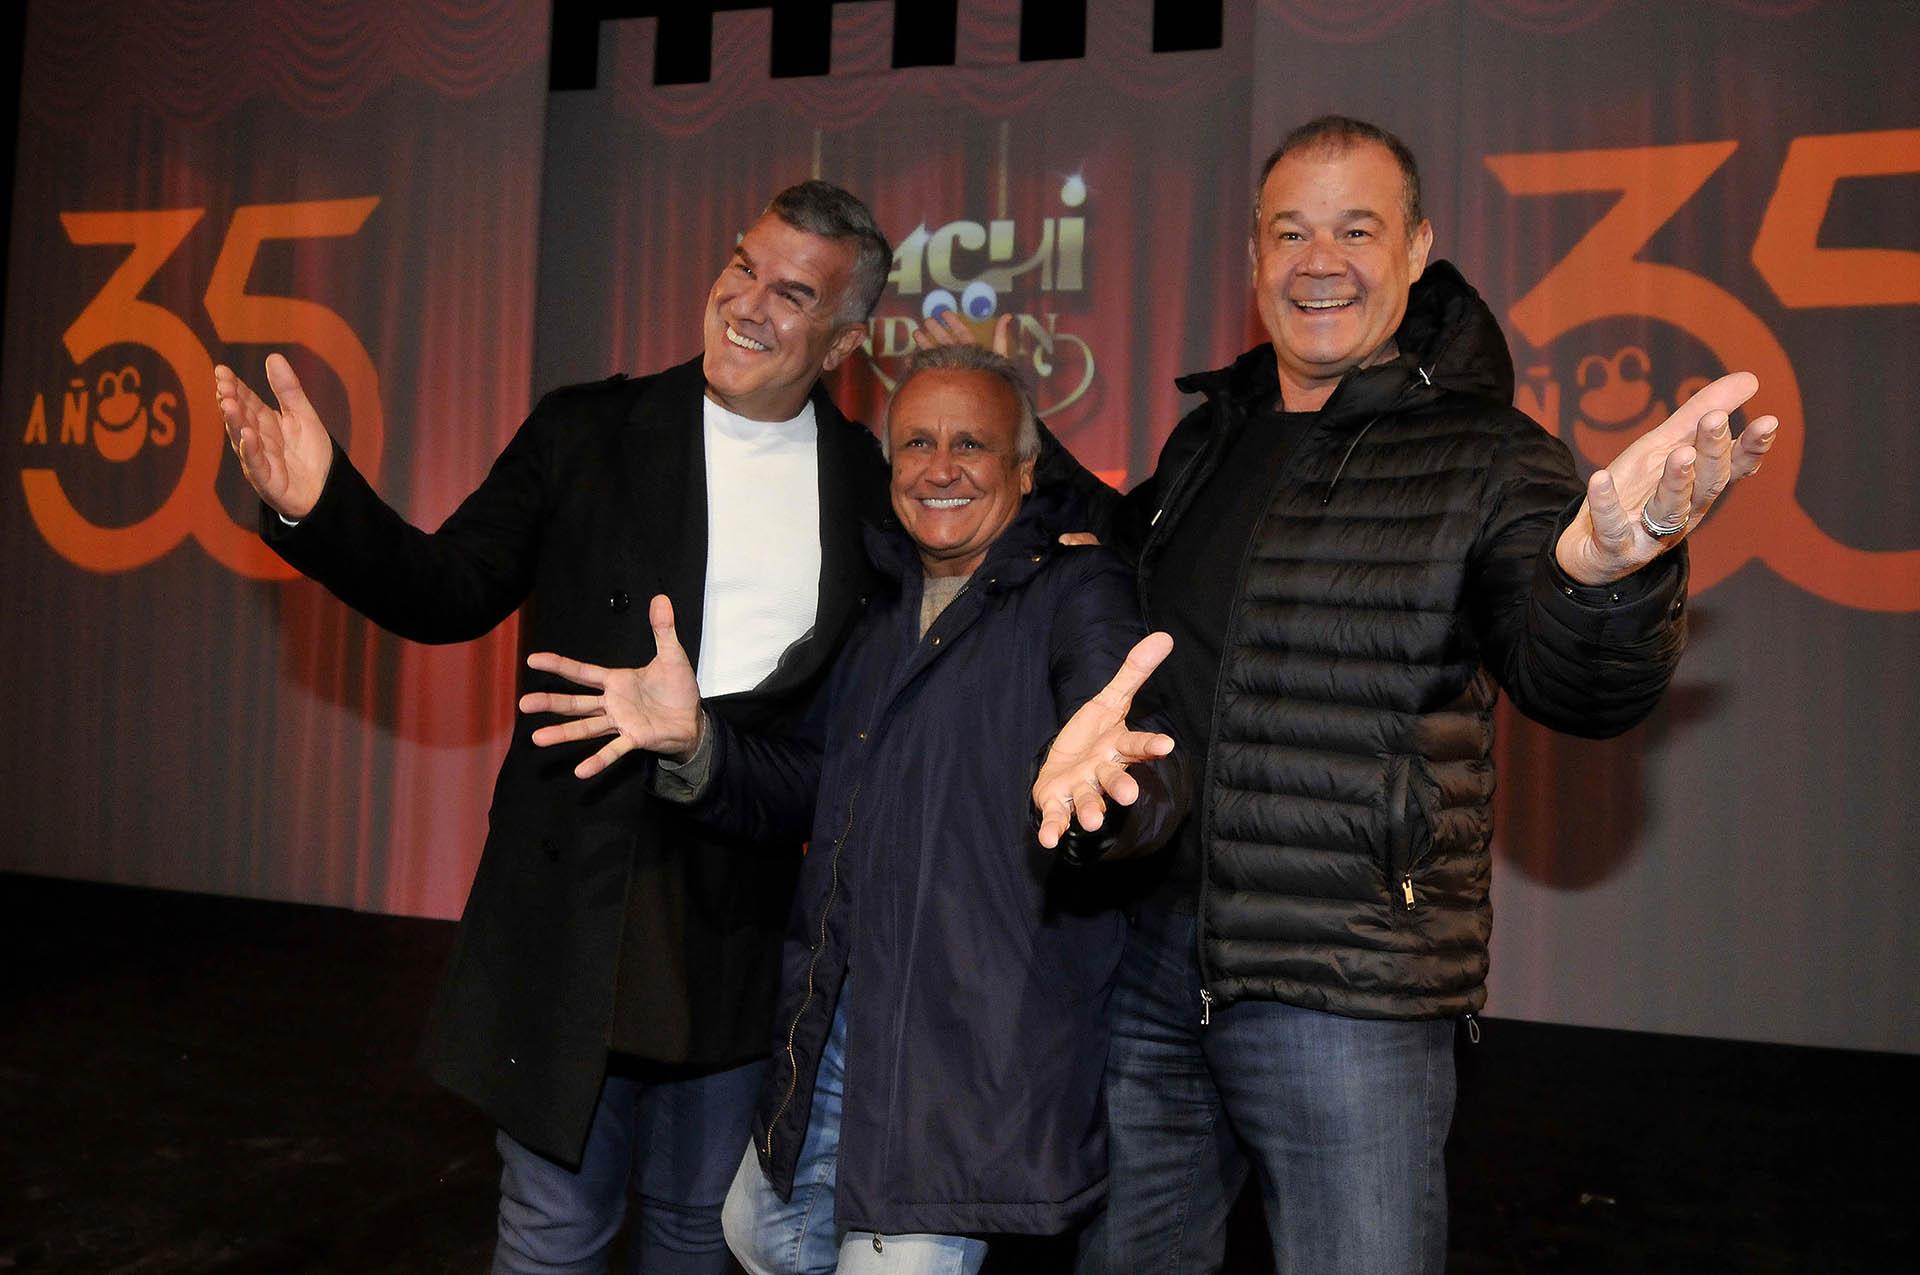 """Los Midachi regresaron a la calle Corrientes para festejar sus 35 años. Los humoristas están encabezando el espectáculo """"Midachi Kindom"""" en el teatro Lola Membrives (Teleshow)"""